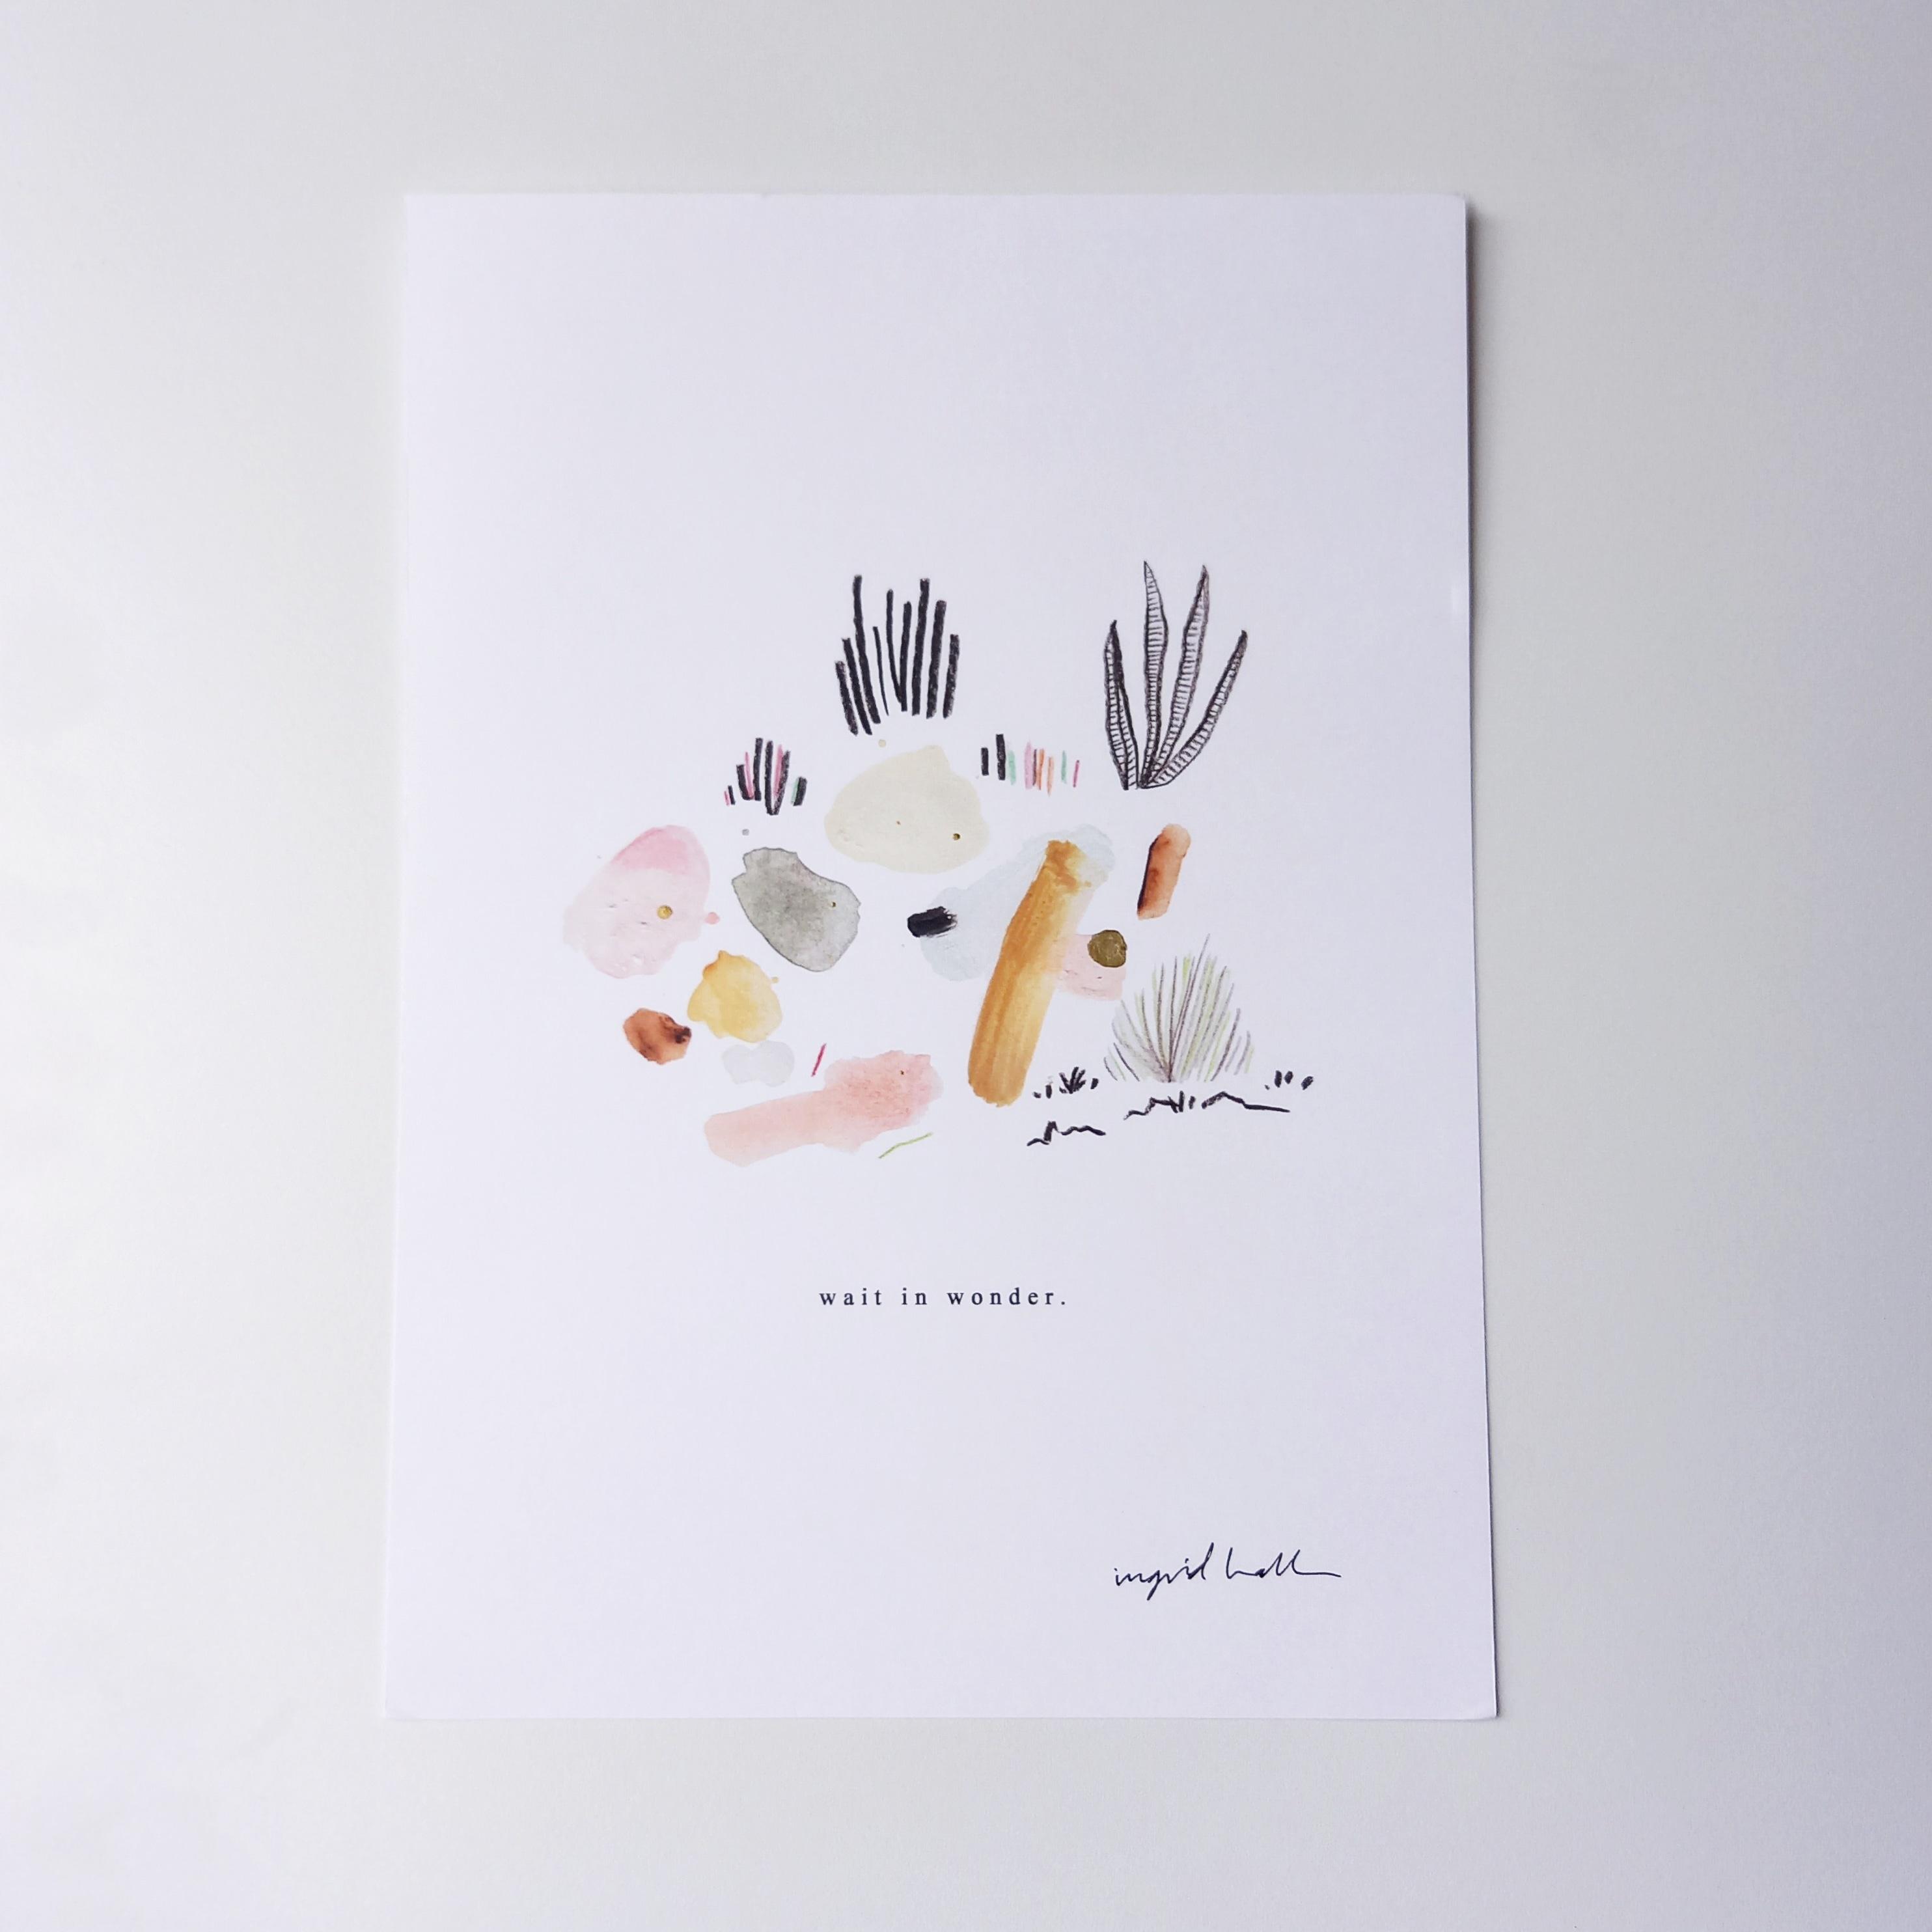 wait-in-wonder--sale-print